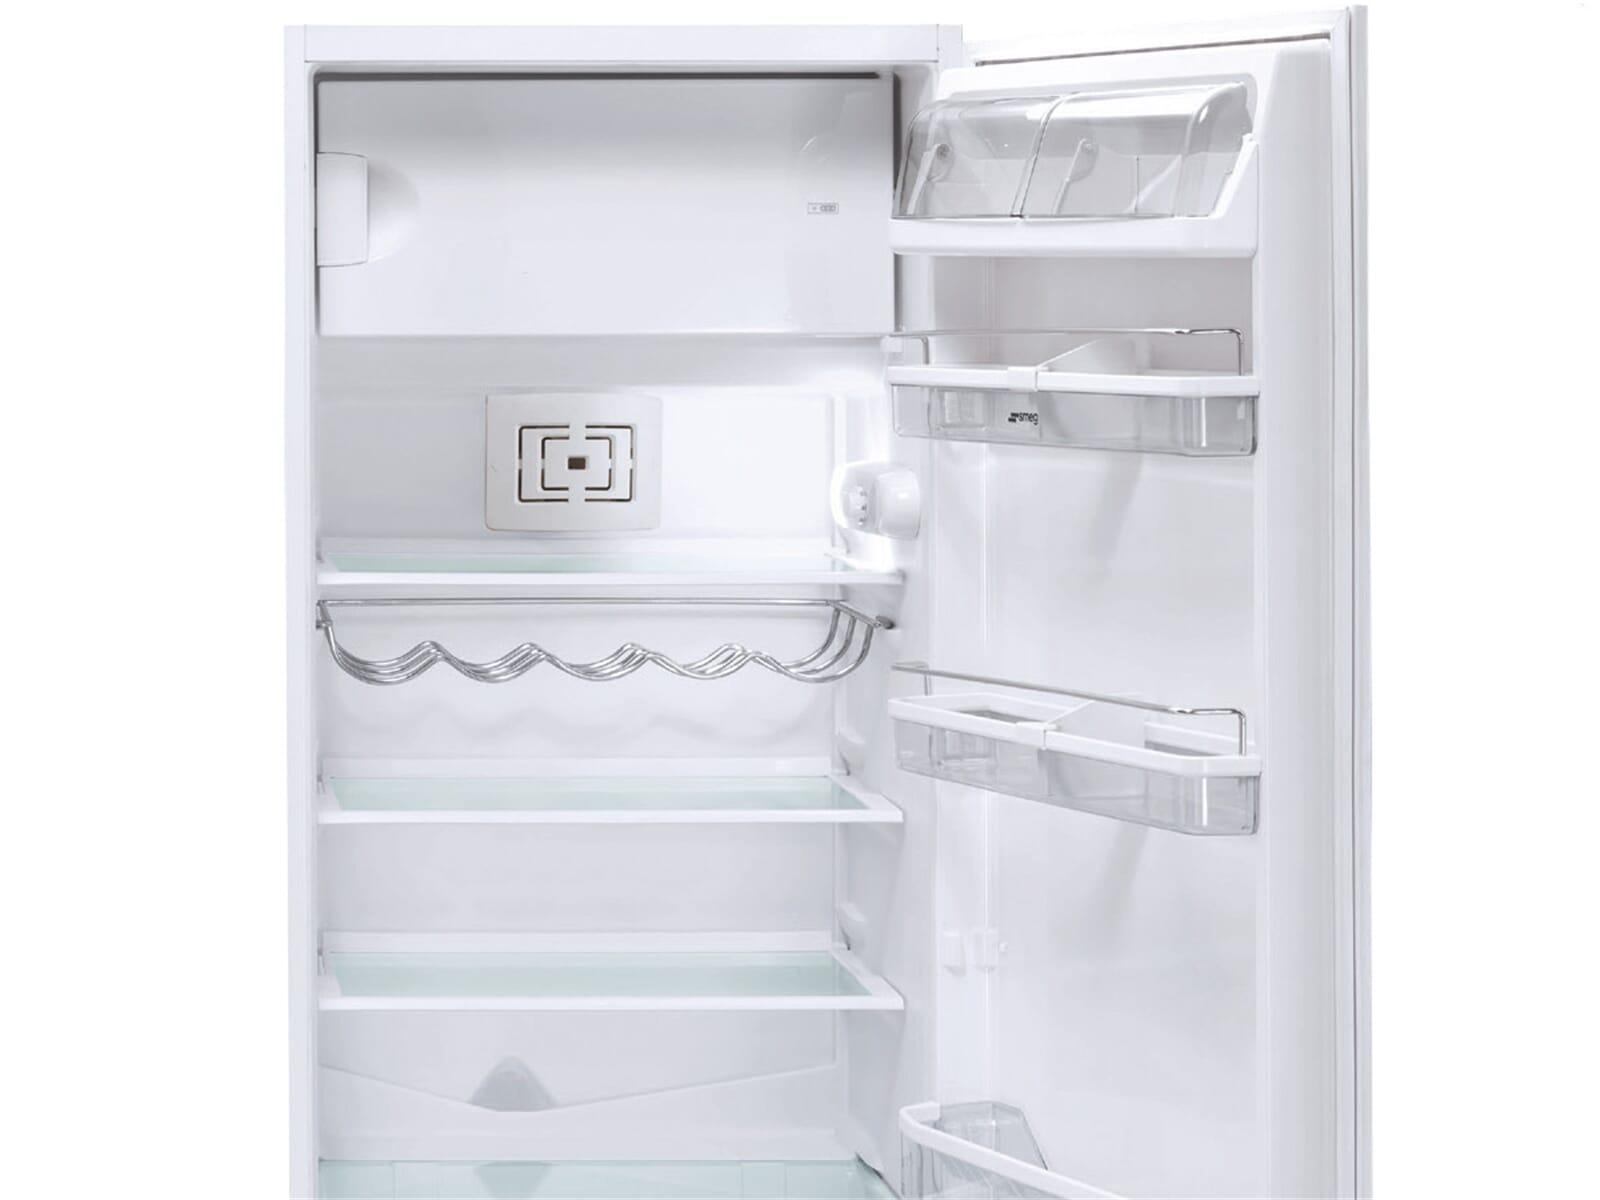 Smeg Kühlschrank Innen : Smeg kühlschrank gold grosse khlschrnke ohne gefrierfach